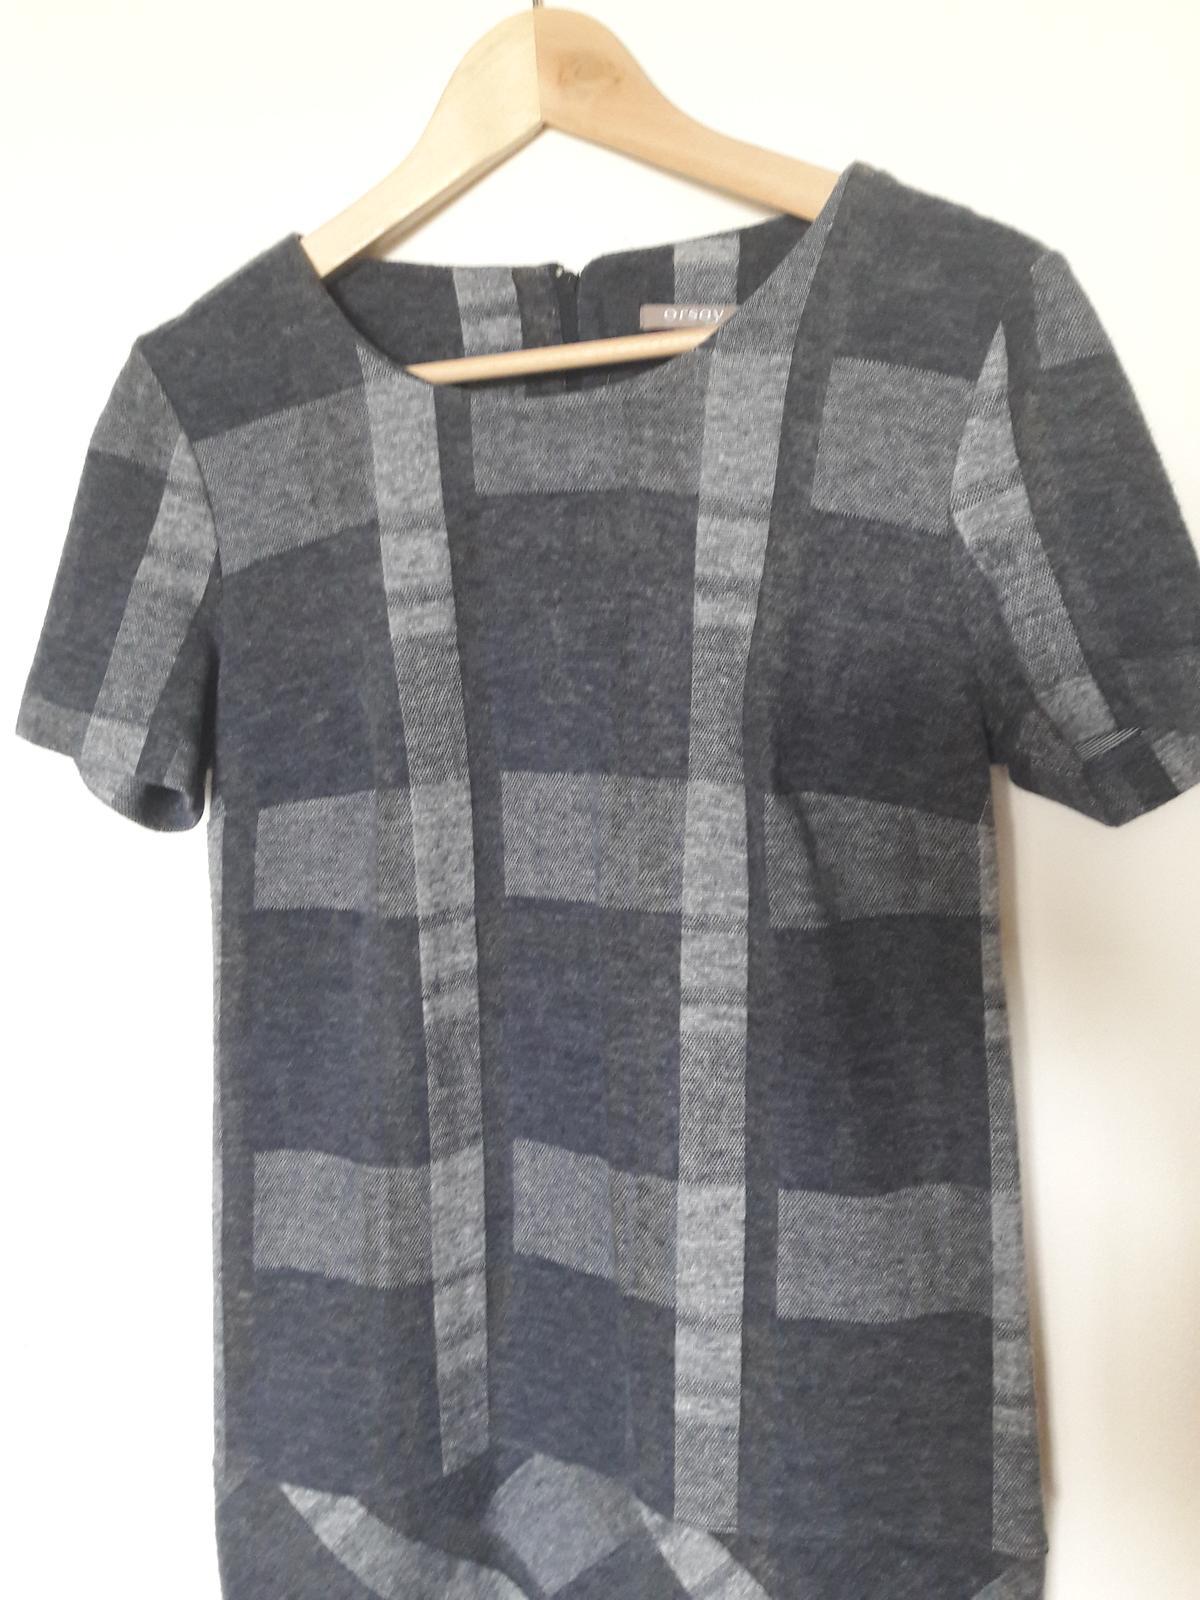 Šedé kárované šaty - Obrázek č. 2